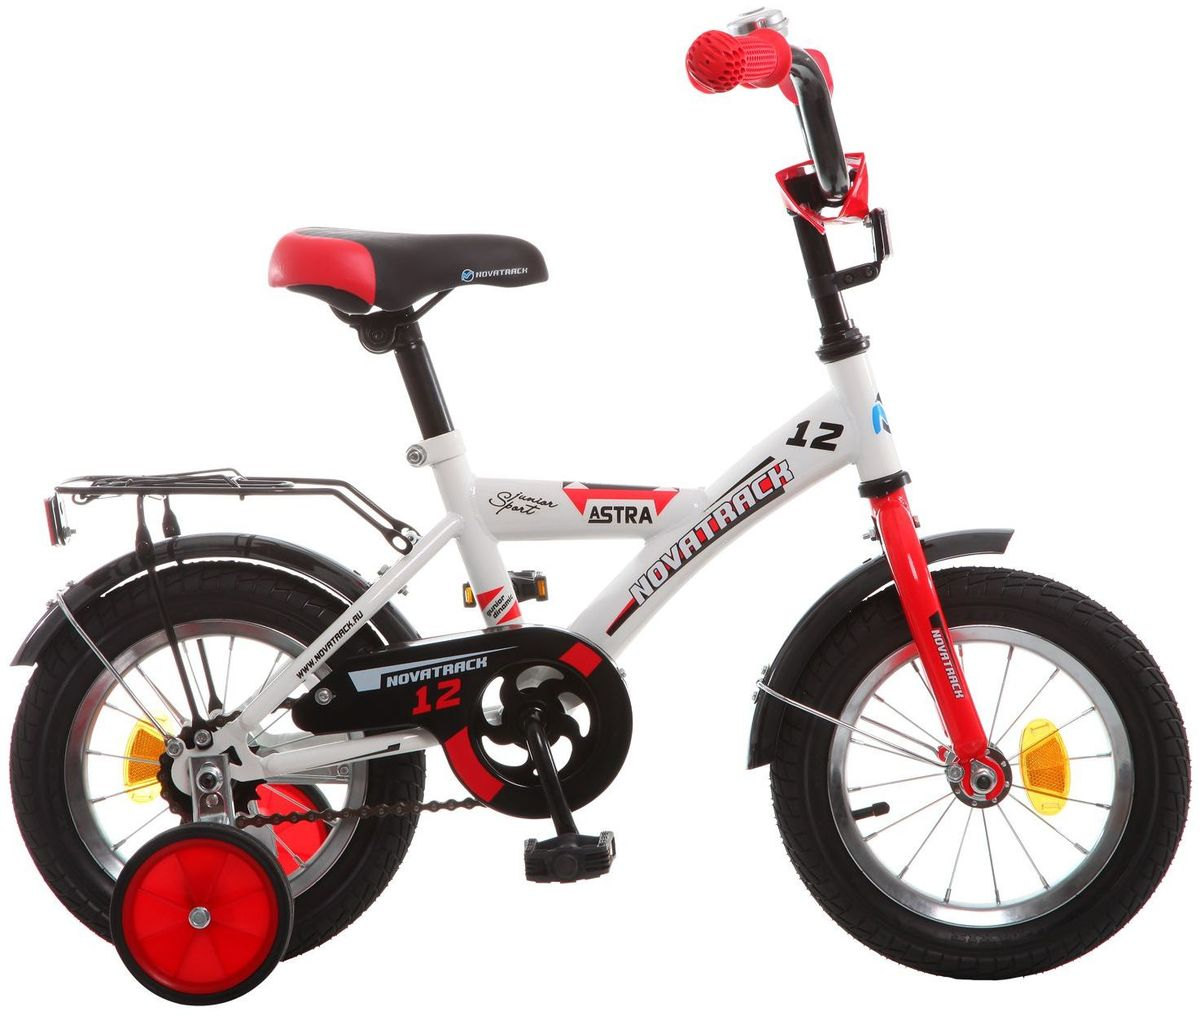 Велосипед детский Novatrack Astra, цвет: белый, красный, черный, 12ВН26428НХотите, чтобы ваш ребенок играя укреплял здоровье? Тогда ему нужен удобный и надежный велосипед Novatrack Astra, рассчитанный на малышей 2-4 лет. Одного взгляда малыша хватит, чтобы раз и навсегда влюбиться в свой новенький двухколесный транспорт, который сначала можно назвать и четырехколесным. Дополнительную устойчивость железному коню обеспечивают два маленьких съемных колеса в цвет велосипеда. Велосипед собран на базе рамы с универсальной геометрией, которая позволяет легко взобраться или слезть с велосипеда, при этом велосипед имеет такой вес, что маленький ребенок сам легко справляется со своим транспортным средством. Так как велосипед предназначен для самых маленьких, предусмотрен ограничитель поворота руля, который не позволит сильно завернуть руль и упасть. Еще один элемент безопасности – это защита цепи, которая оберегает одежду и ноги малыша от попадания в механизм. Стильные крылья защитят от грязи и брызг, а на багажнике ребенок сможет перевозить массу полезных в дороге вещей. Данная модель маневренна и легко управляется, поэтому ребенку будет несложно и интересно учиться езде.Какой велосипед выбрать? Статья OZON Гид